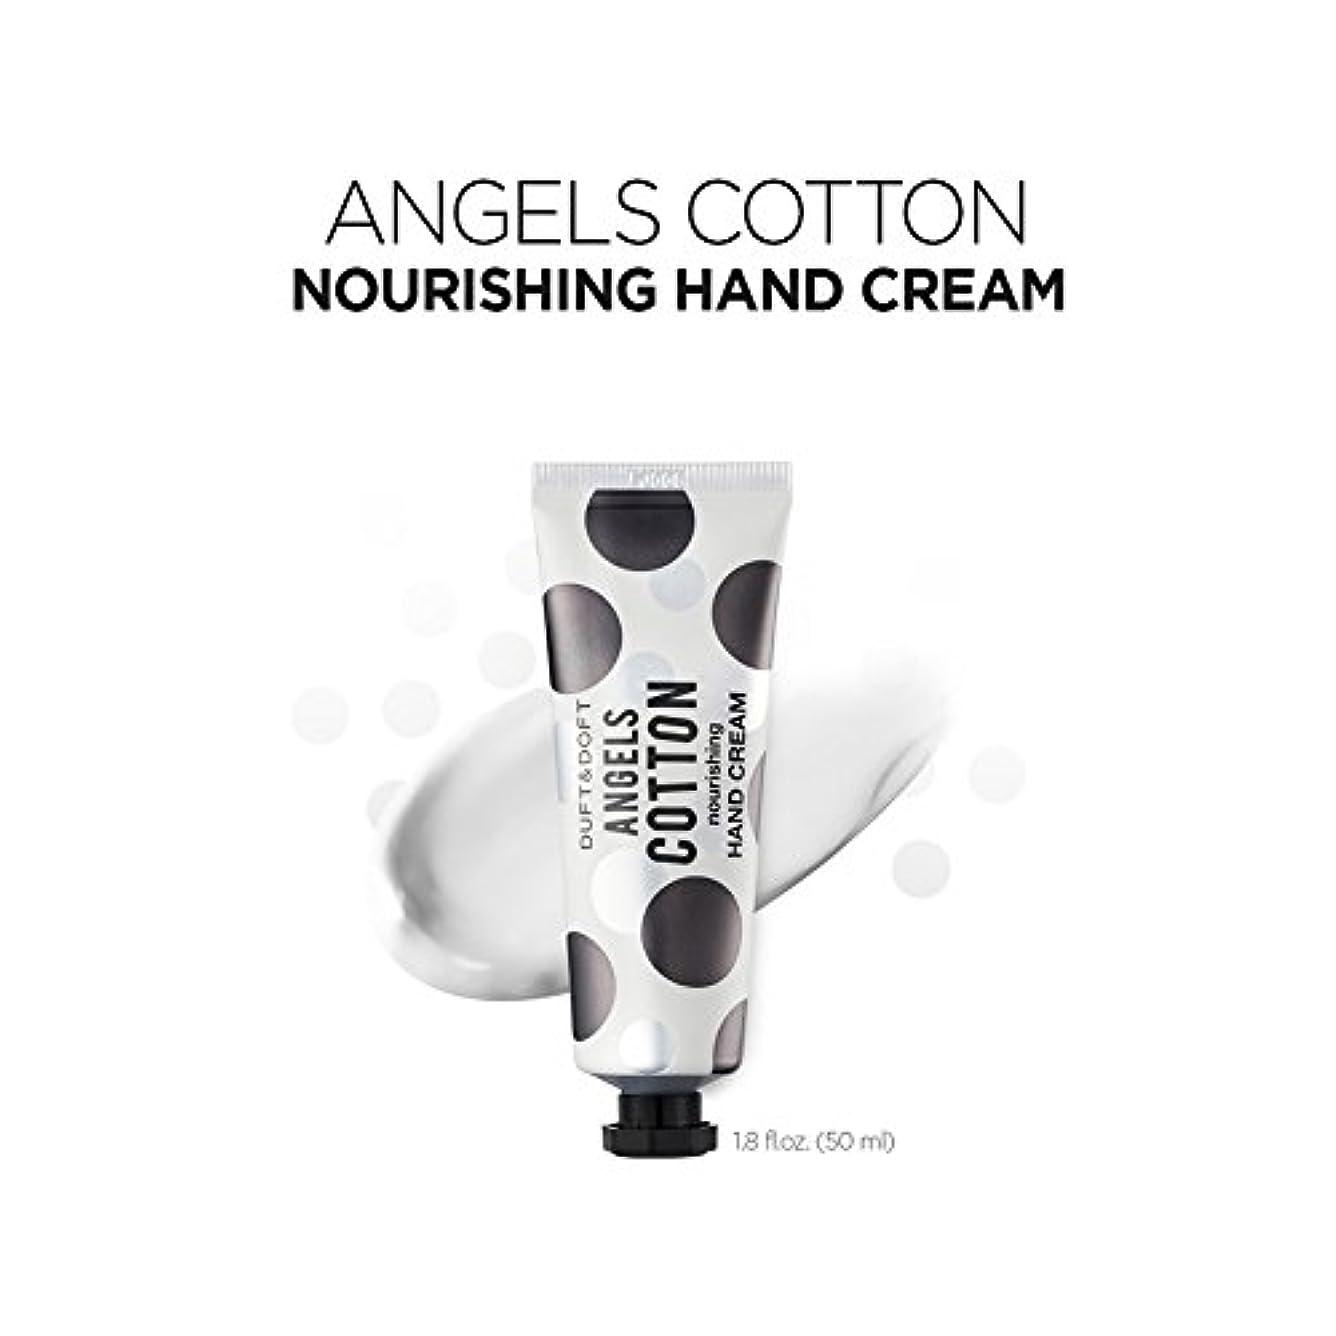 関係カラス過言ゥフト&ドフト [DUFT&DOFT] エンジェルコットン ナリシング ハンドクリーム Angel Cotton Nourishing Hand Cream (50ml + 50ml) / 韓国製 韓国直送品